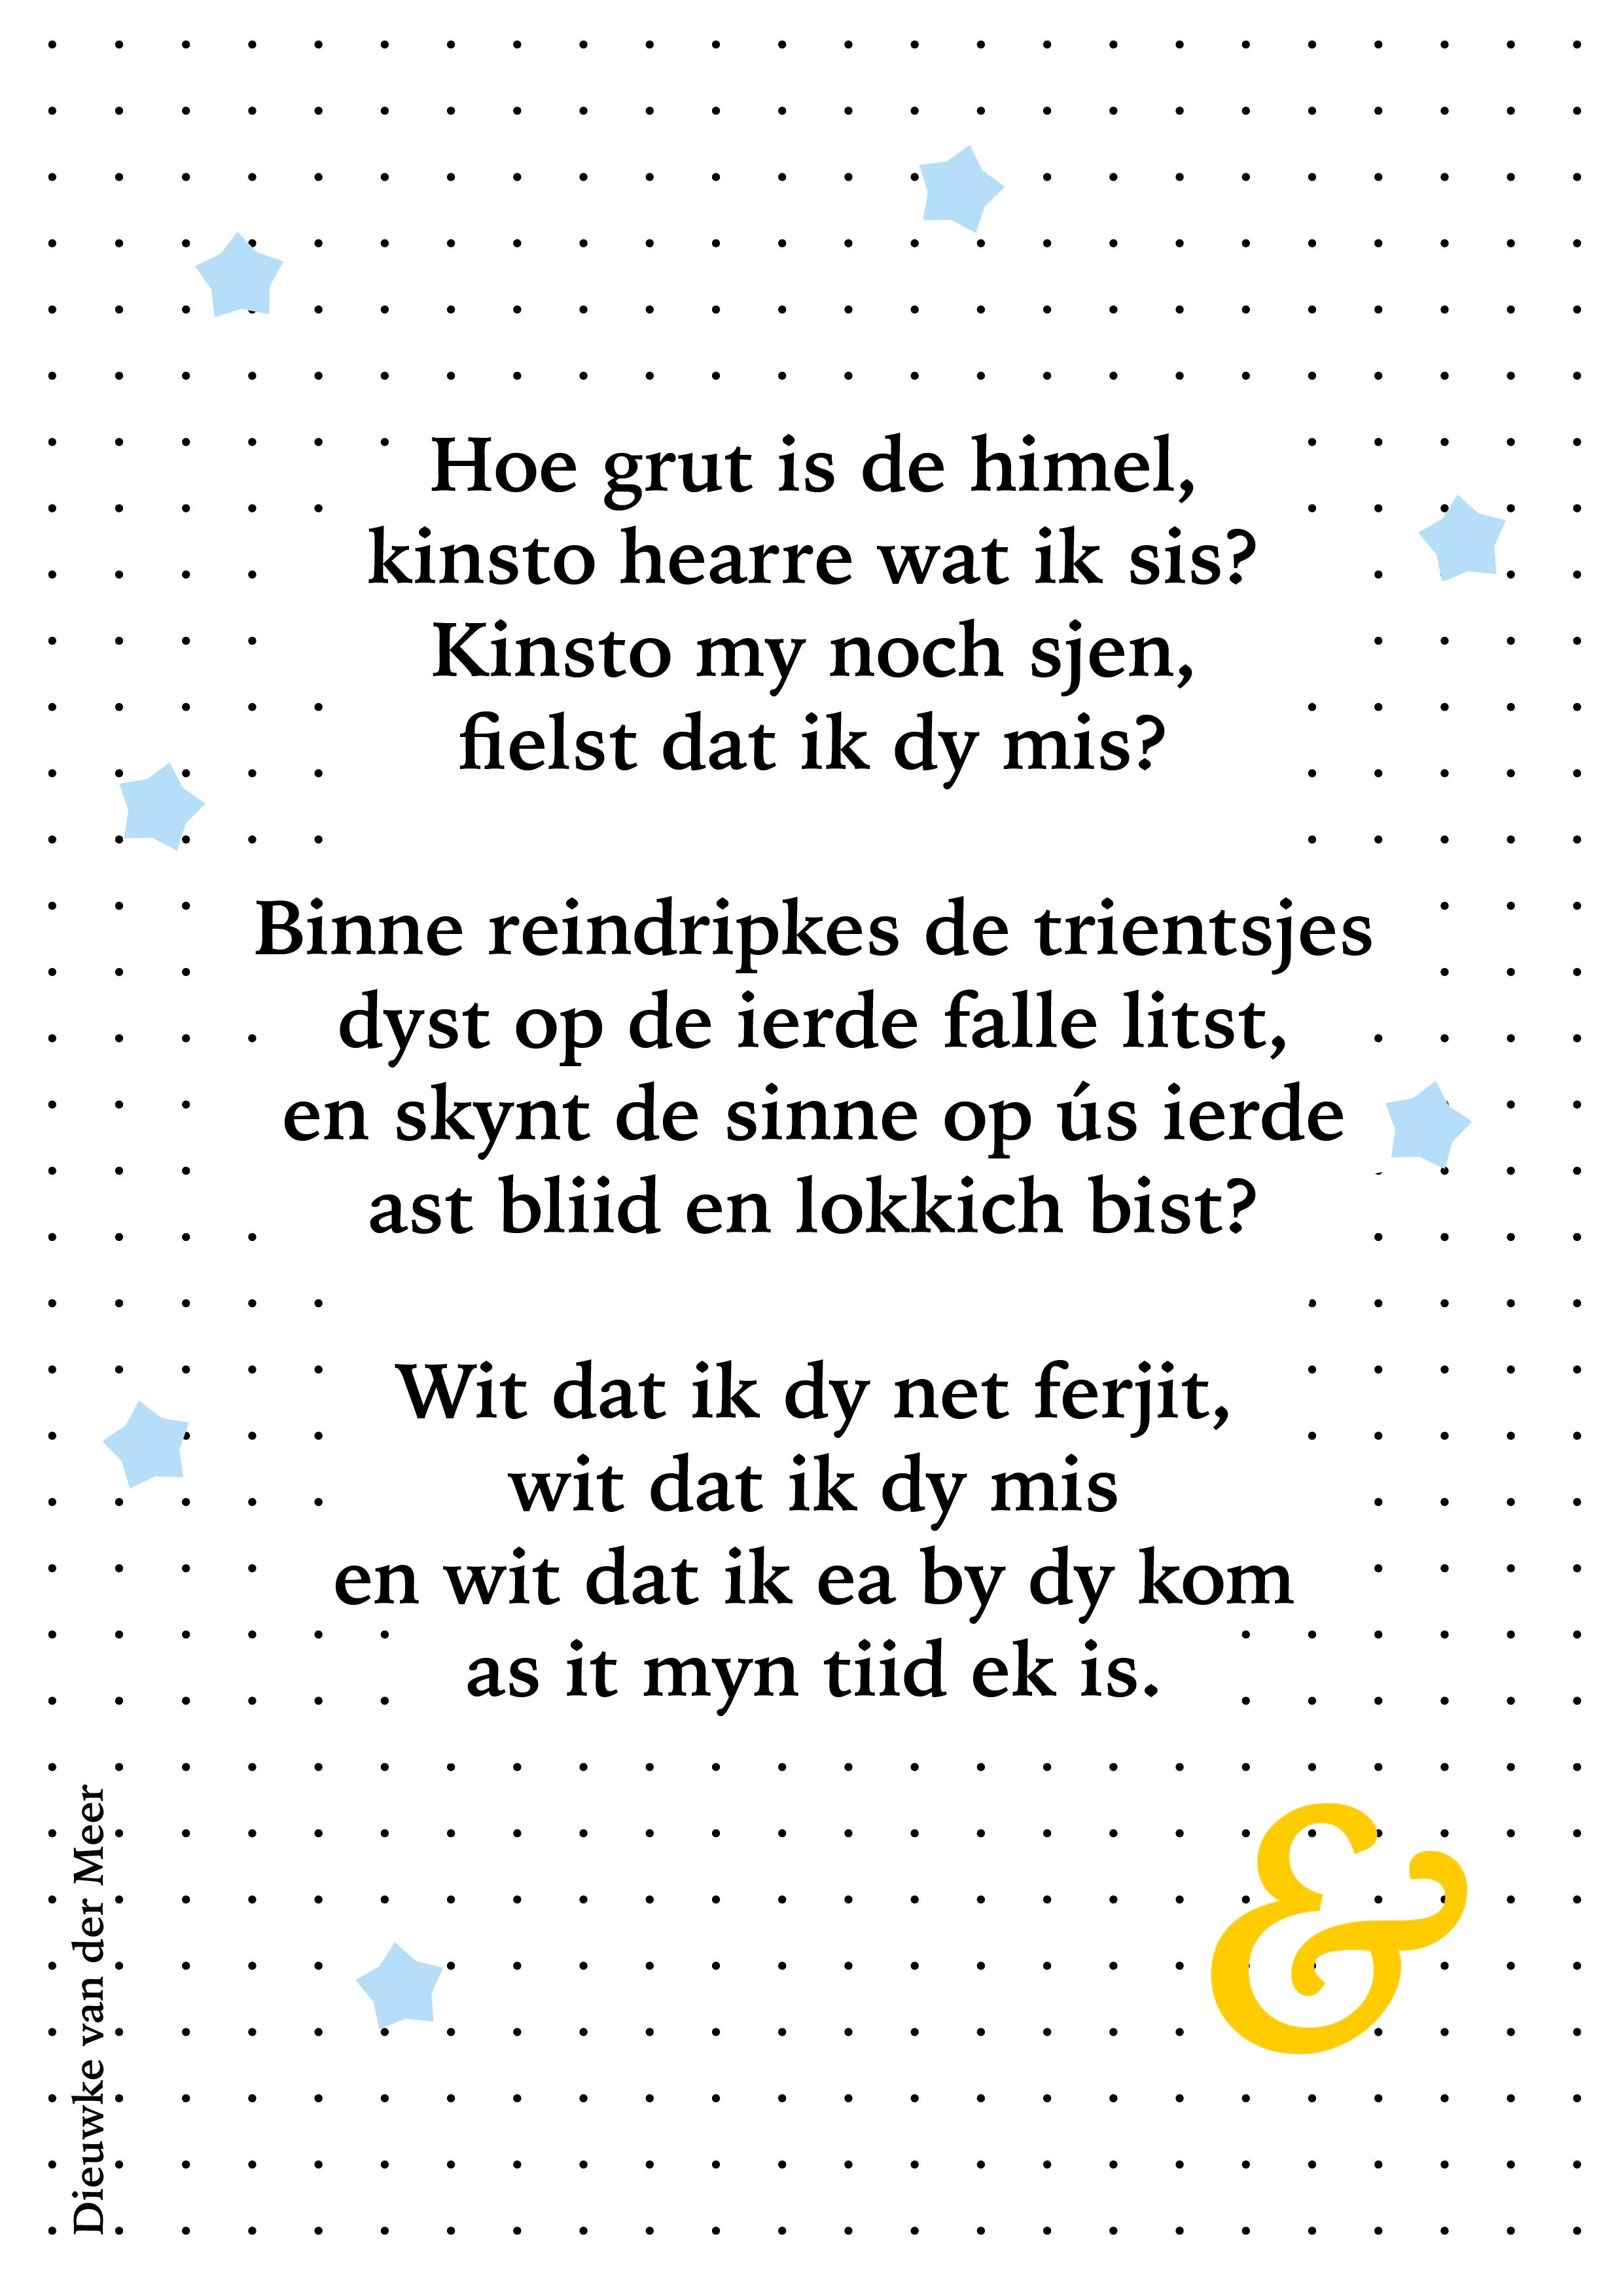 Hoe Grut Is De Himel Frysk Citaten Teksten En Gedichten